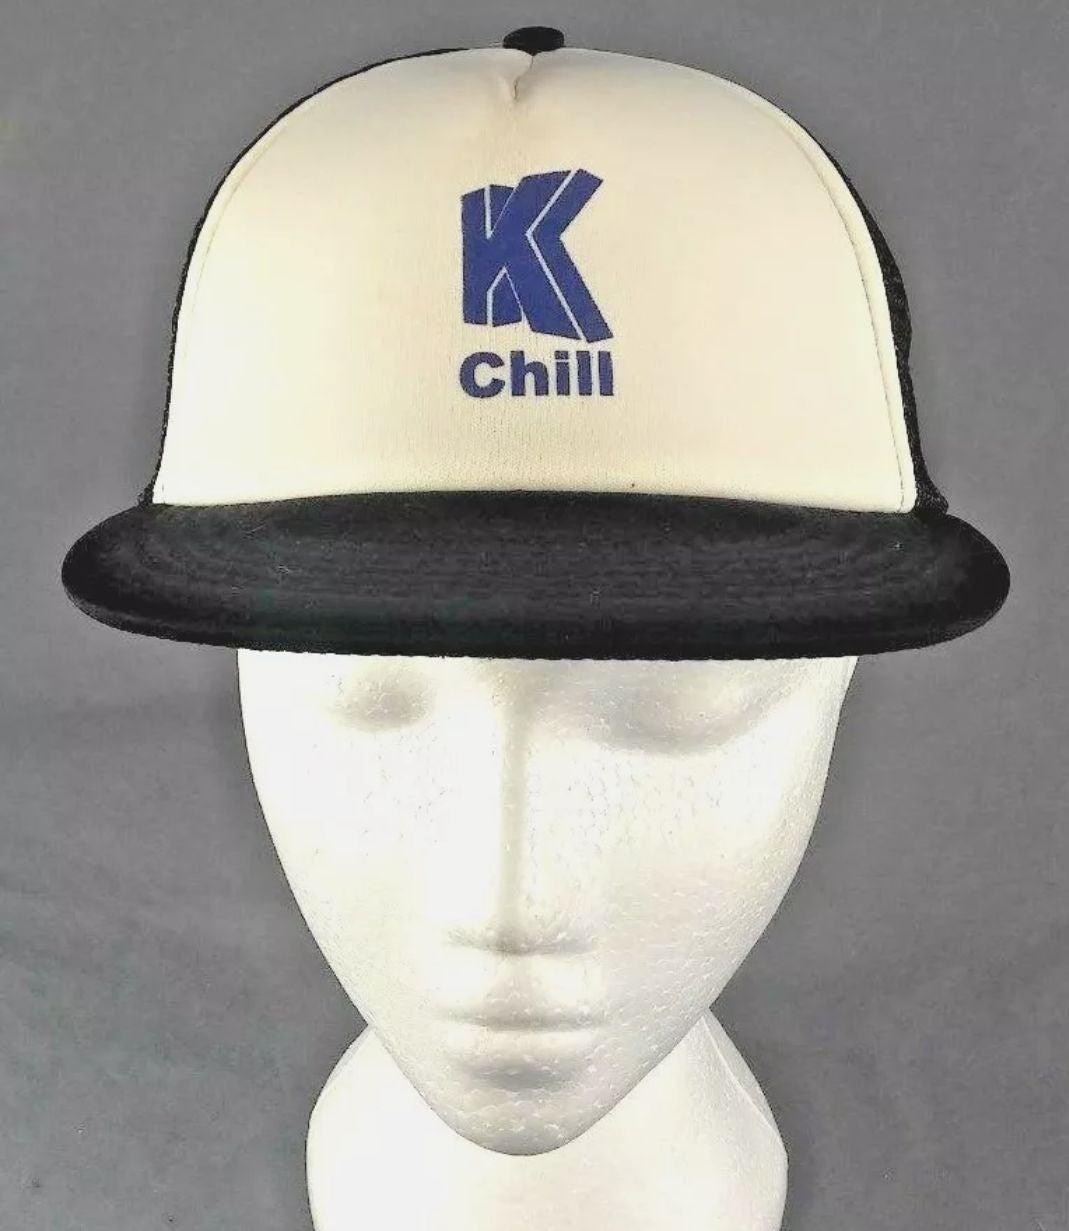 K Chill trucker mesh snapback hat